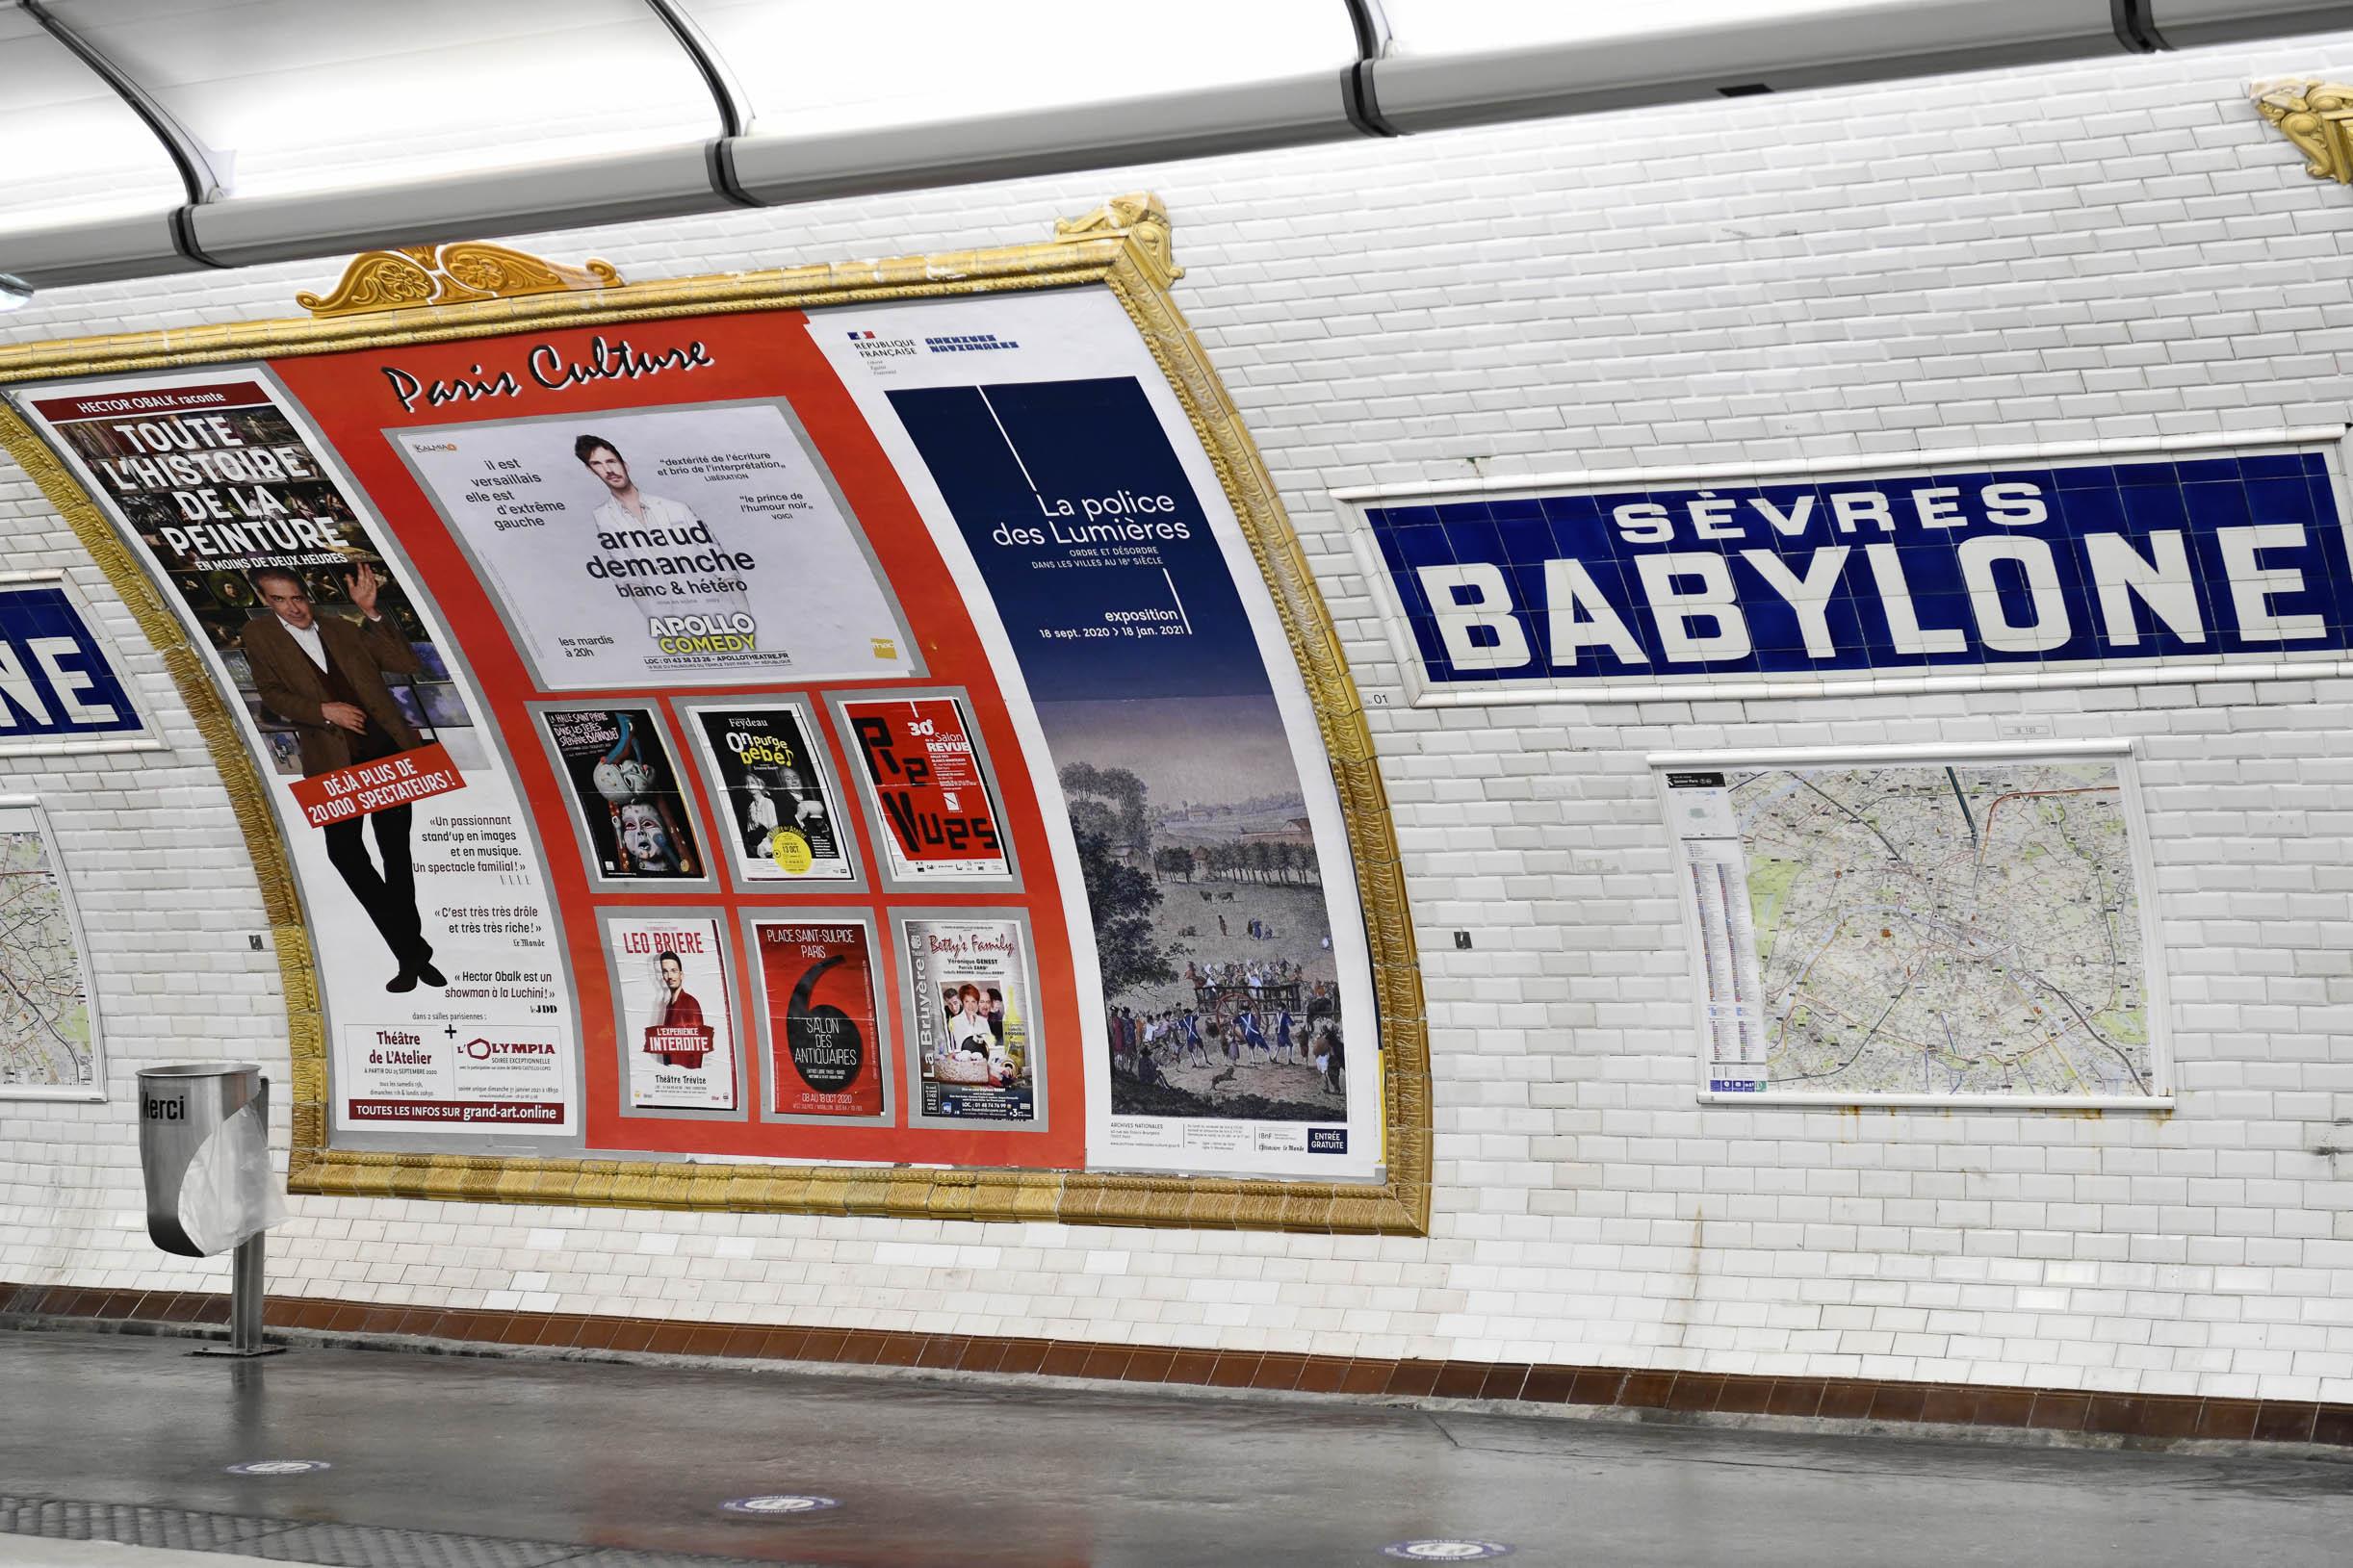 Quai de métro parisien Sevres Babylone avec affichage d'une campagne publicitaire sur le mur de carreaux blanc d'Arnaud Demanche